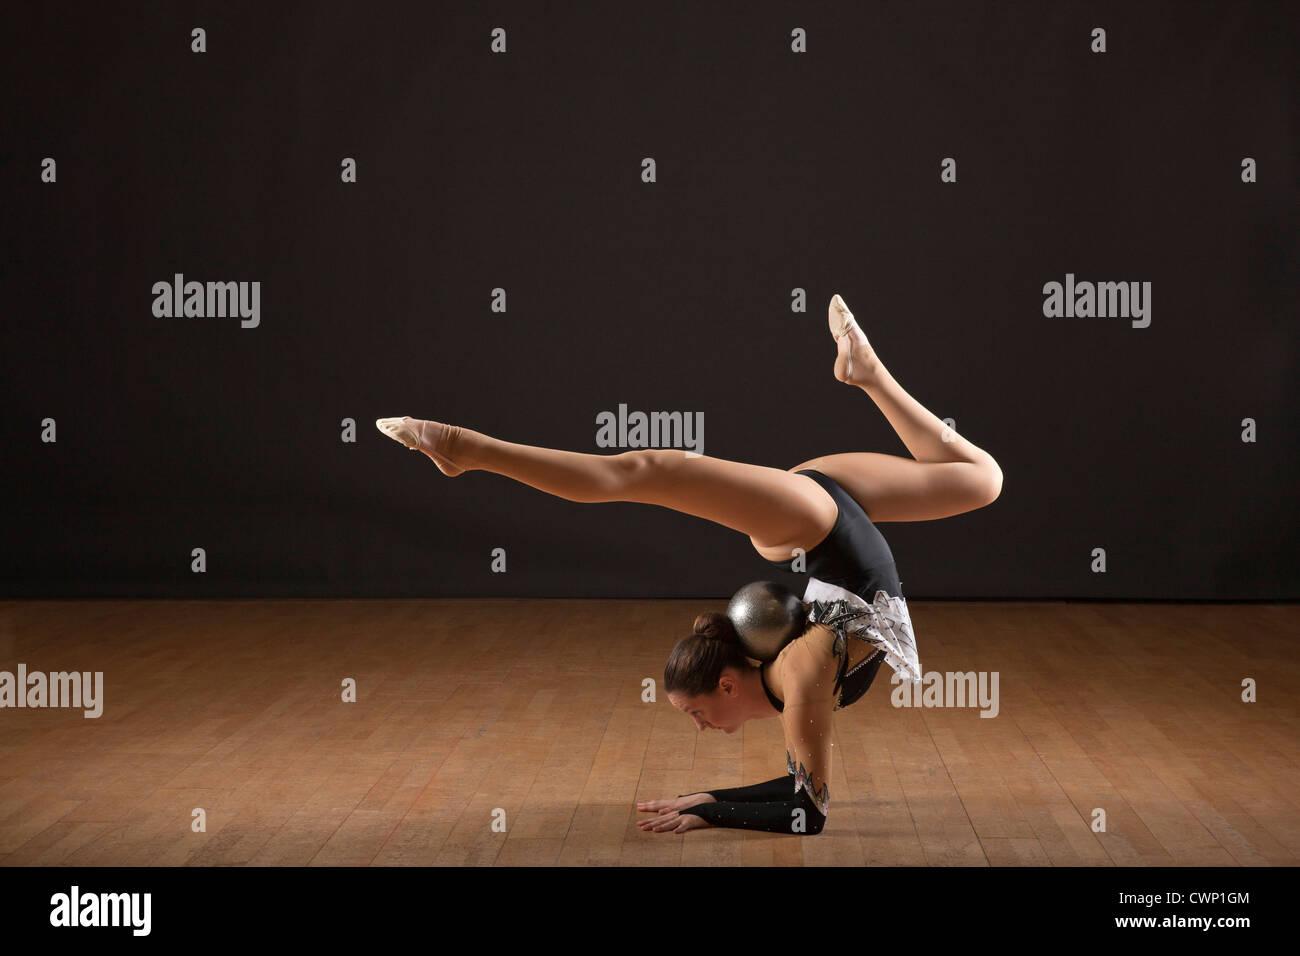 El gimnasta doblado hacia atrás, equilibrando el balón con la cabeza Imagen De Stock